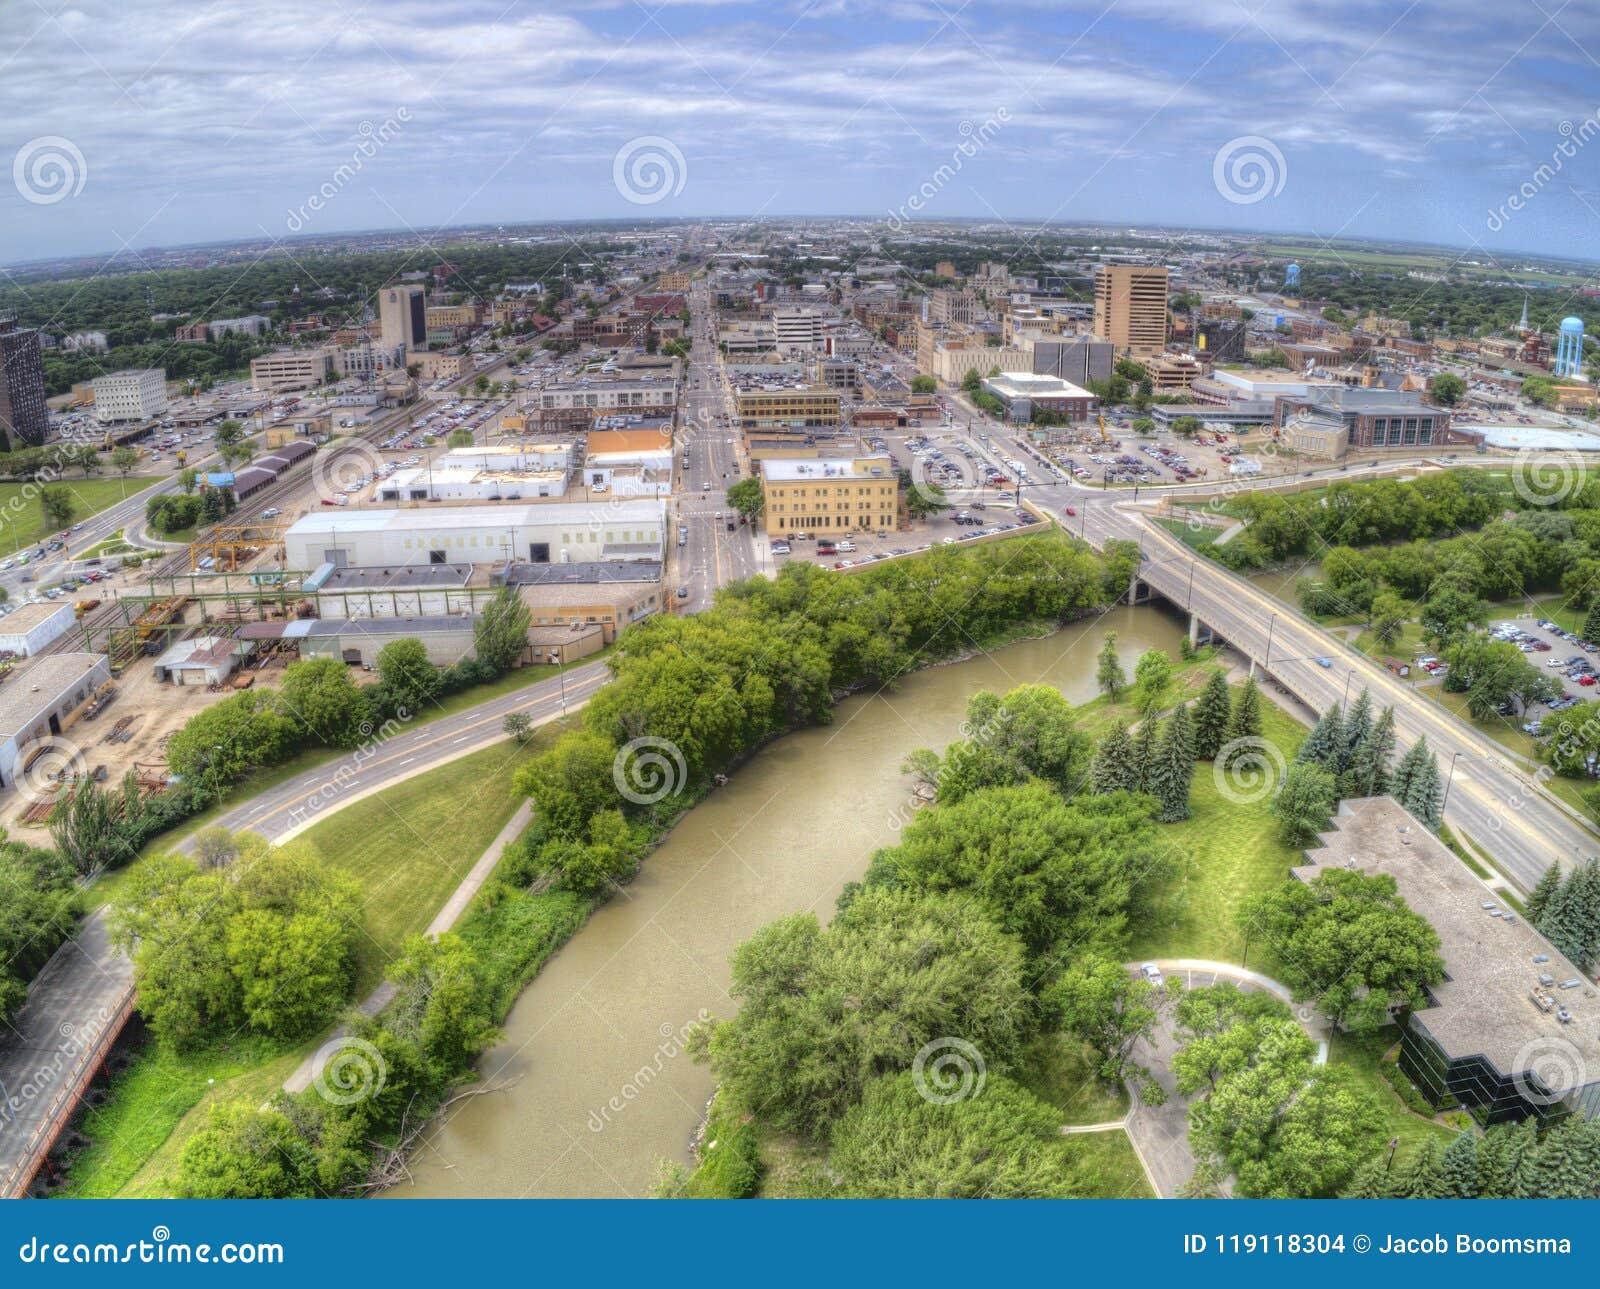 Fargo är den största staden i North Dakota på Redet River